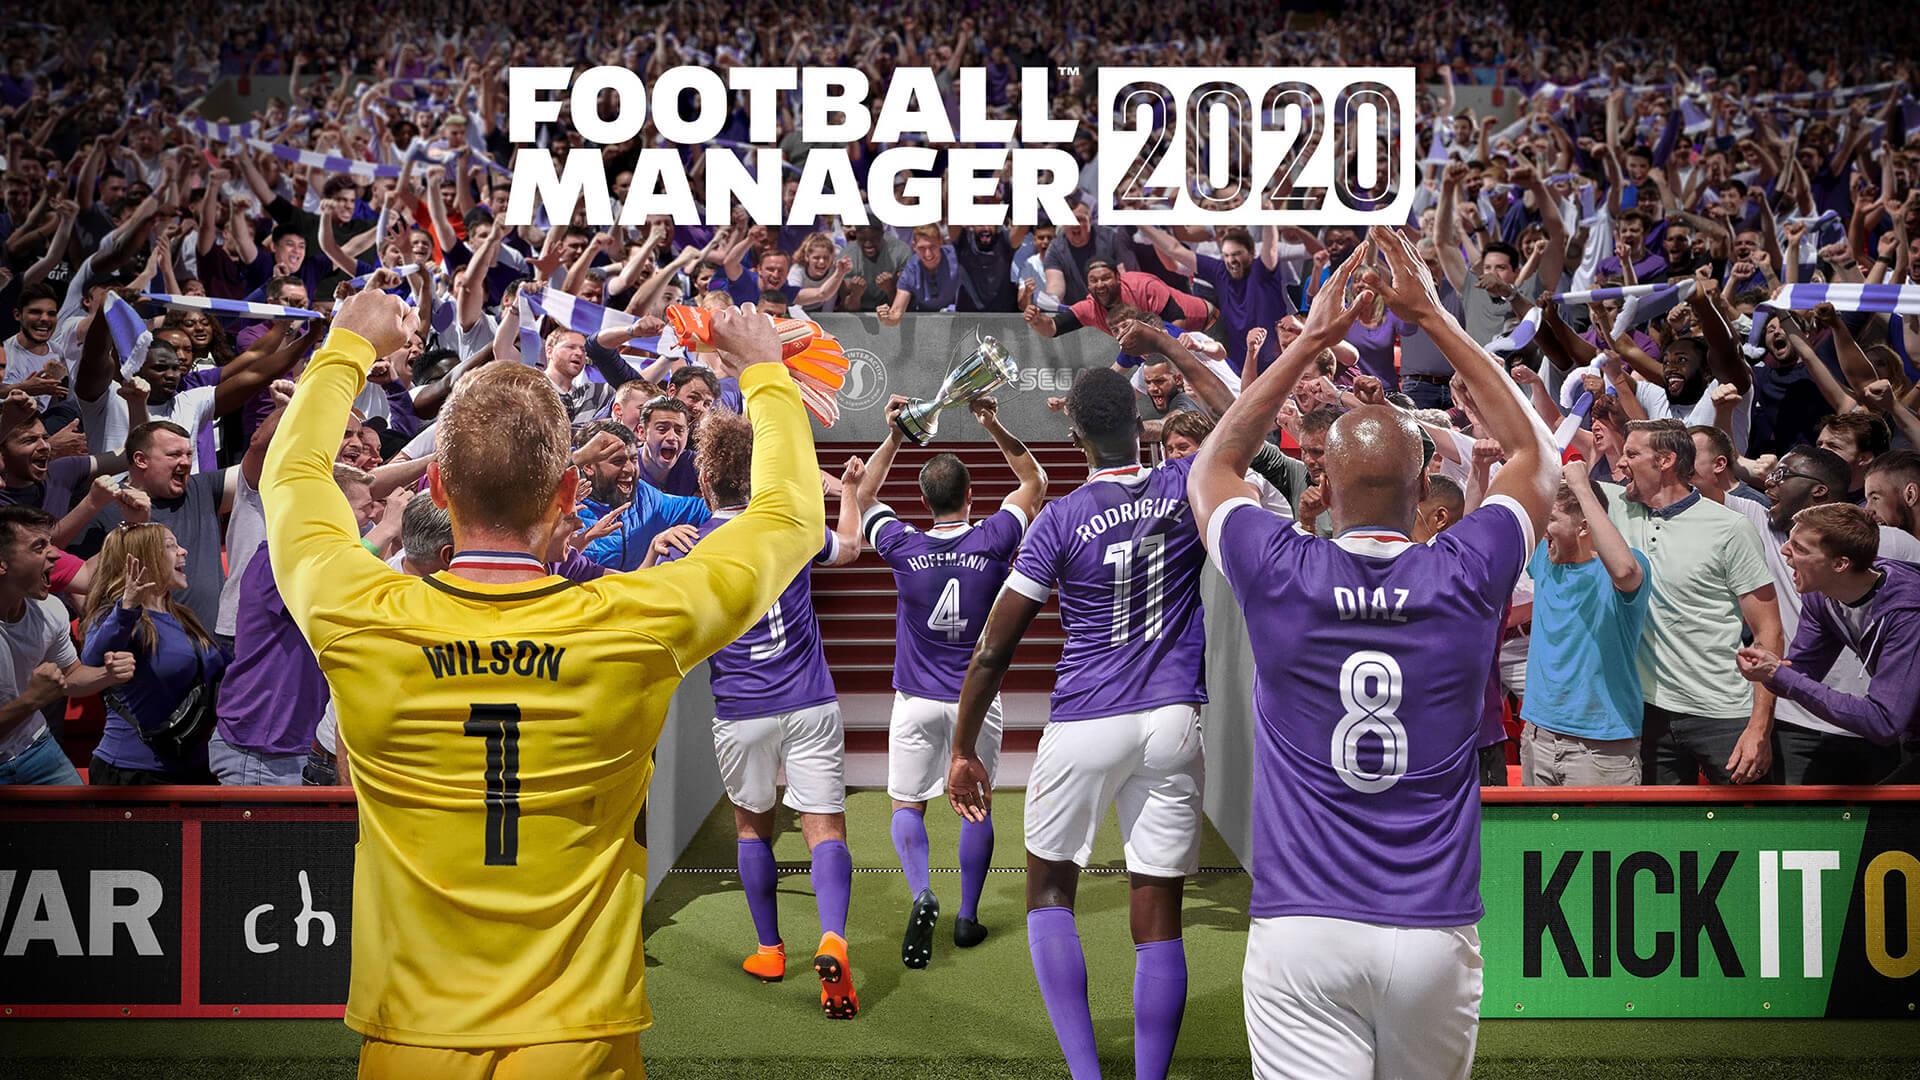 2020 サッカー マネージャー 「Soccer Manager